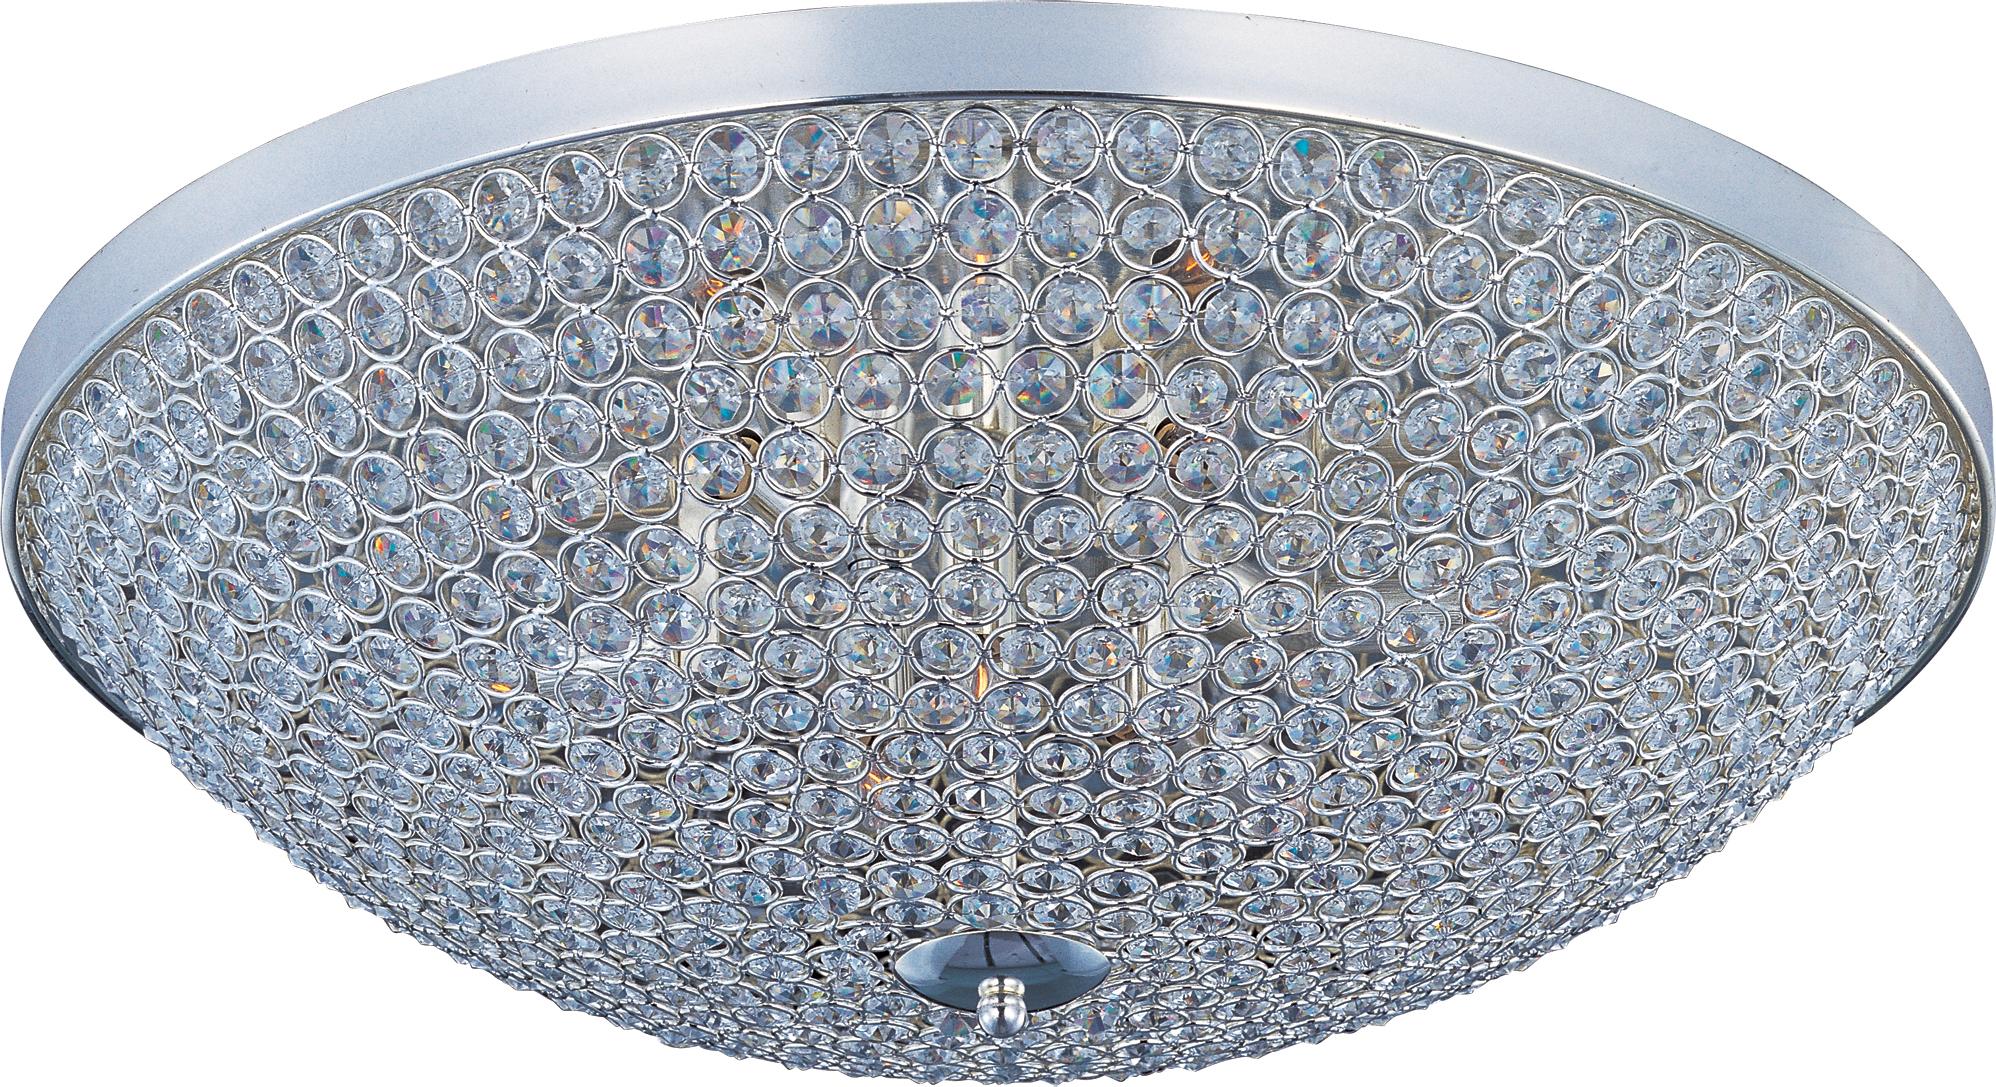 Glimmer 6-Light Flush Mount | Maxim Lighting